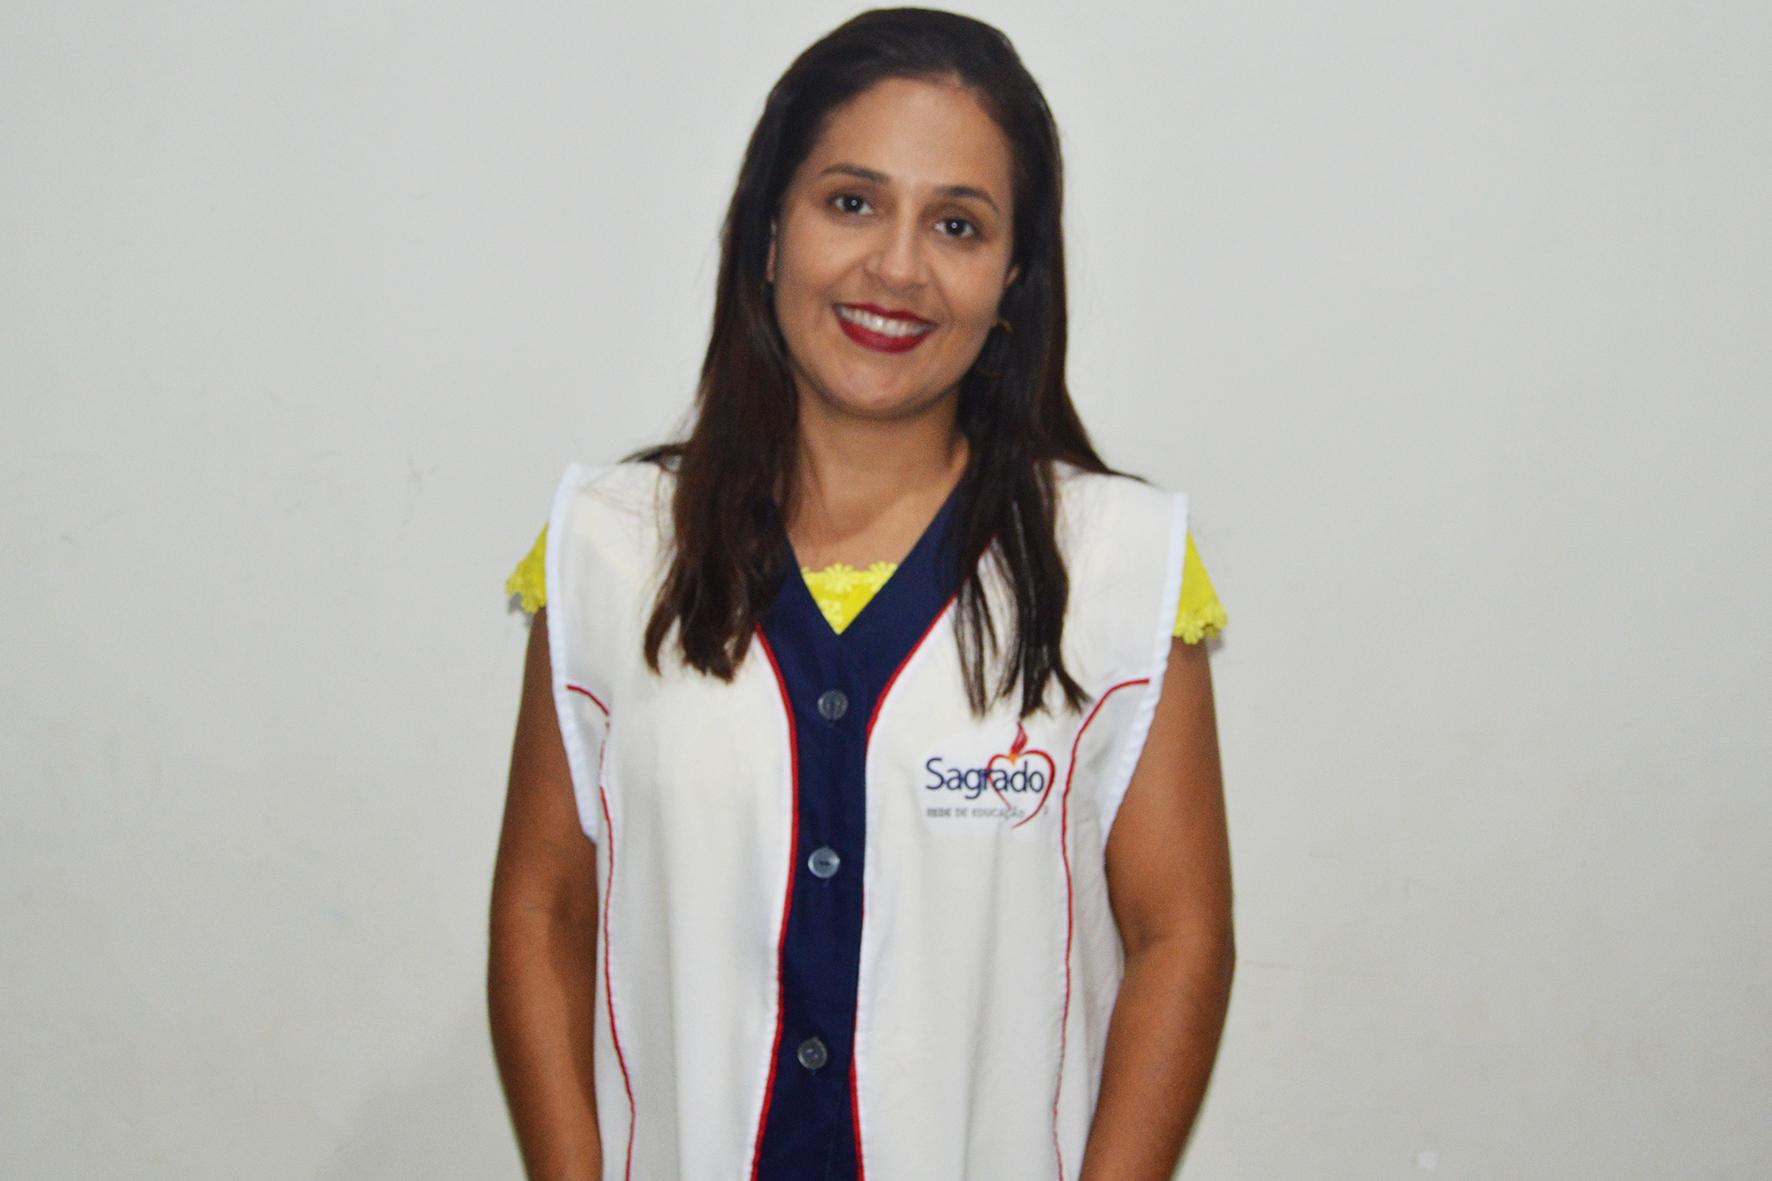 ROBERTA TEIXEIRA PINHEIRO